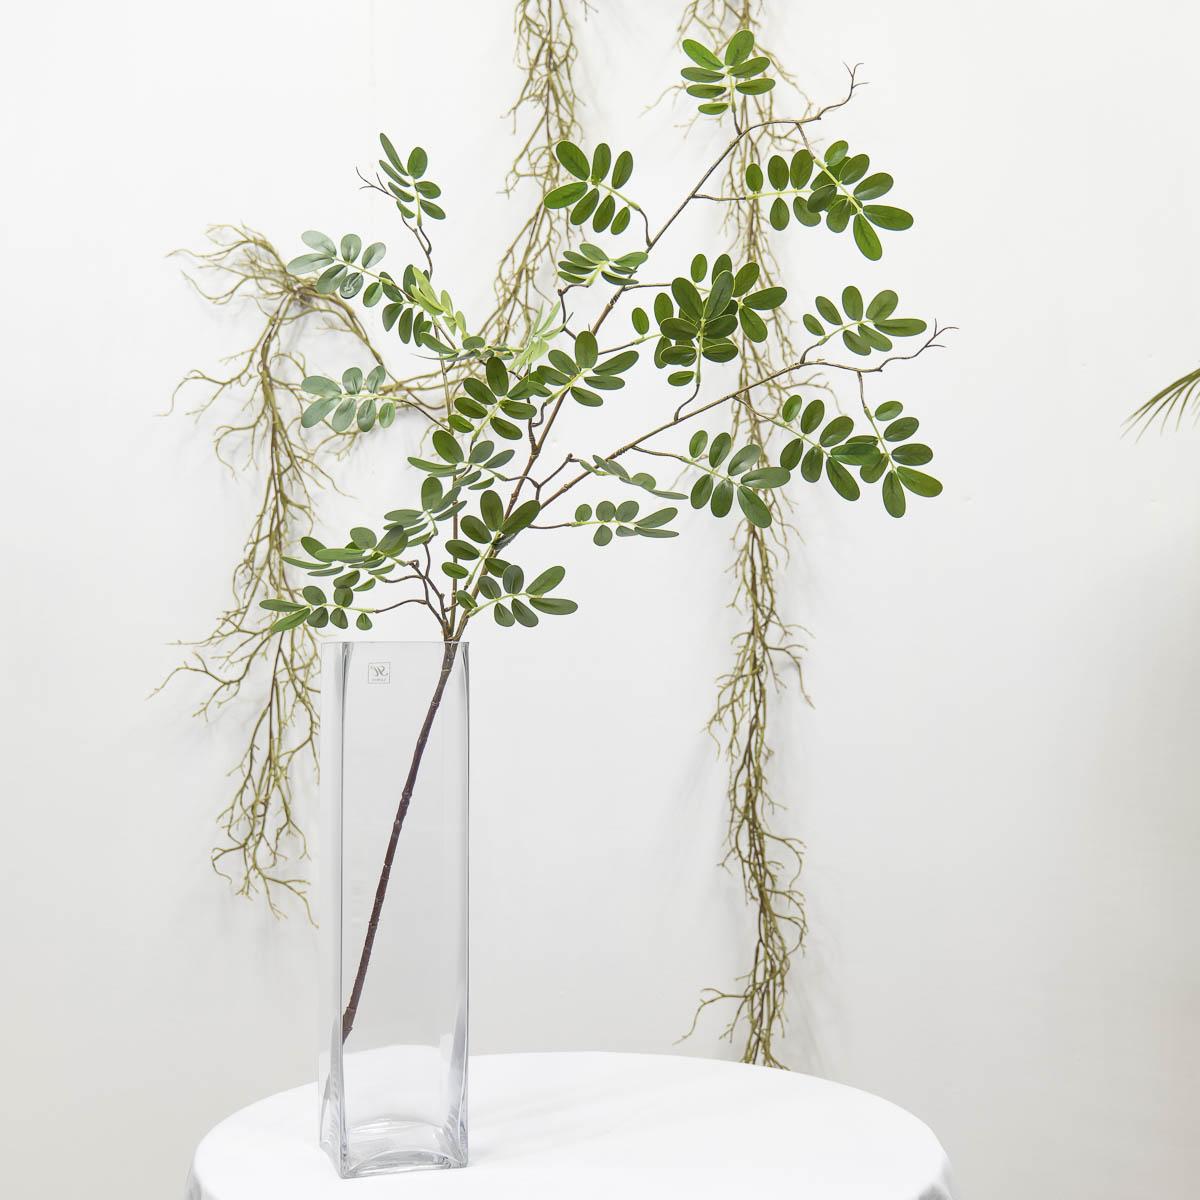 실크플라워 아카시아조화 잎사귀 나무가지 95cm